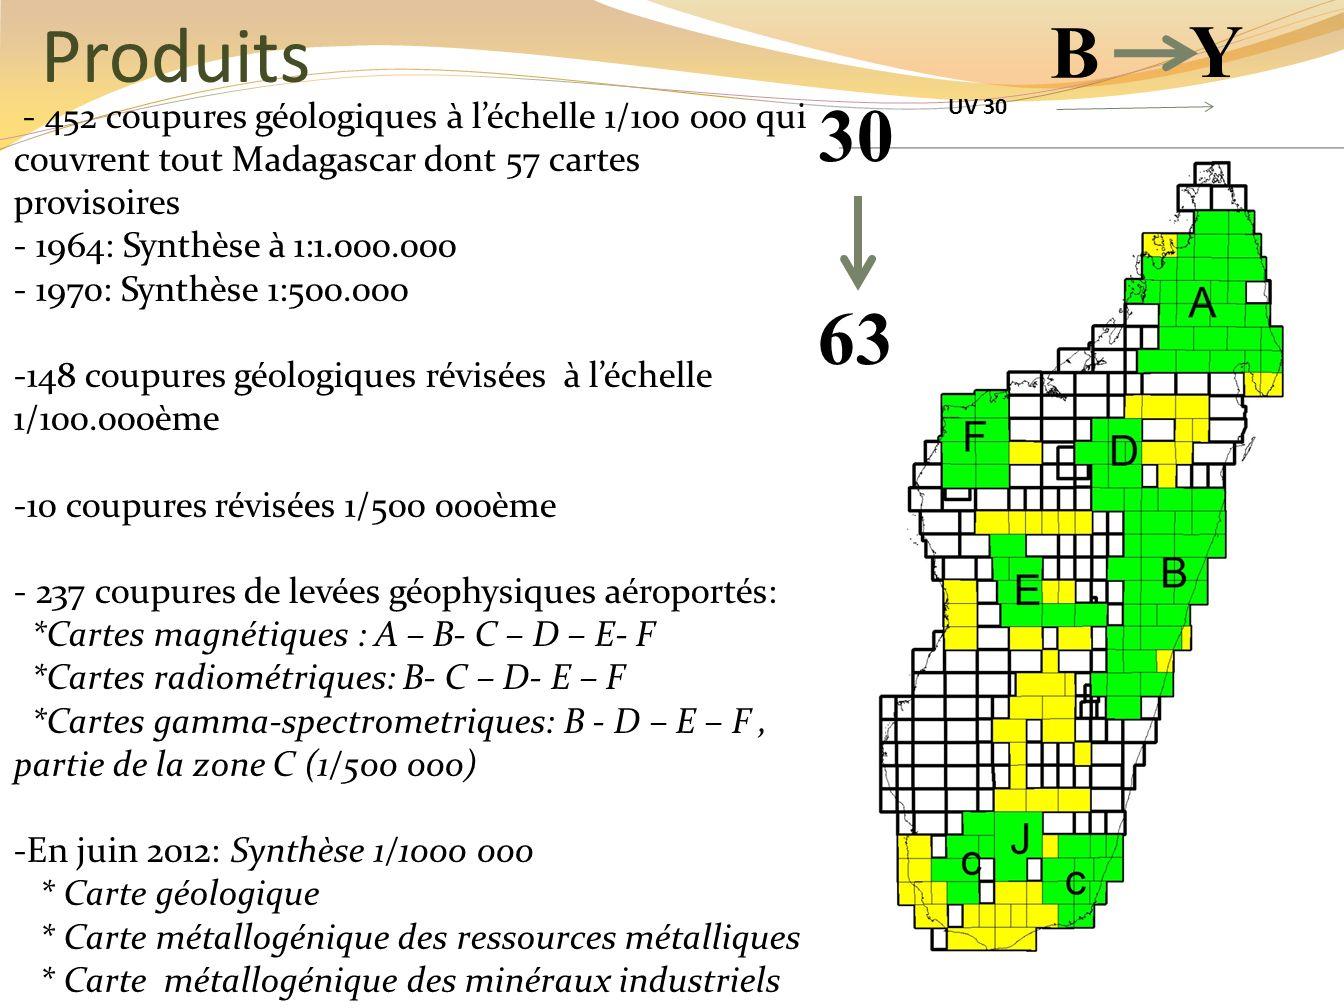 Produits B. Y. - 452 coupures géologiques à l'échelle 1/100 000 qui couvrent tout Madagascar dont 57 cartes provisoires.